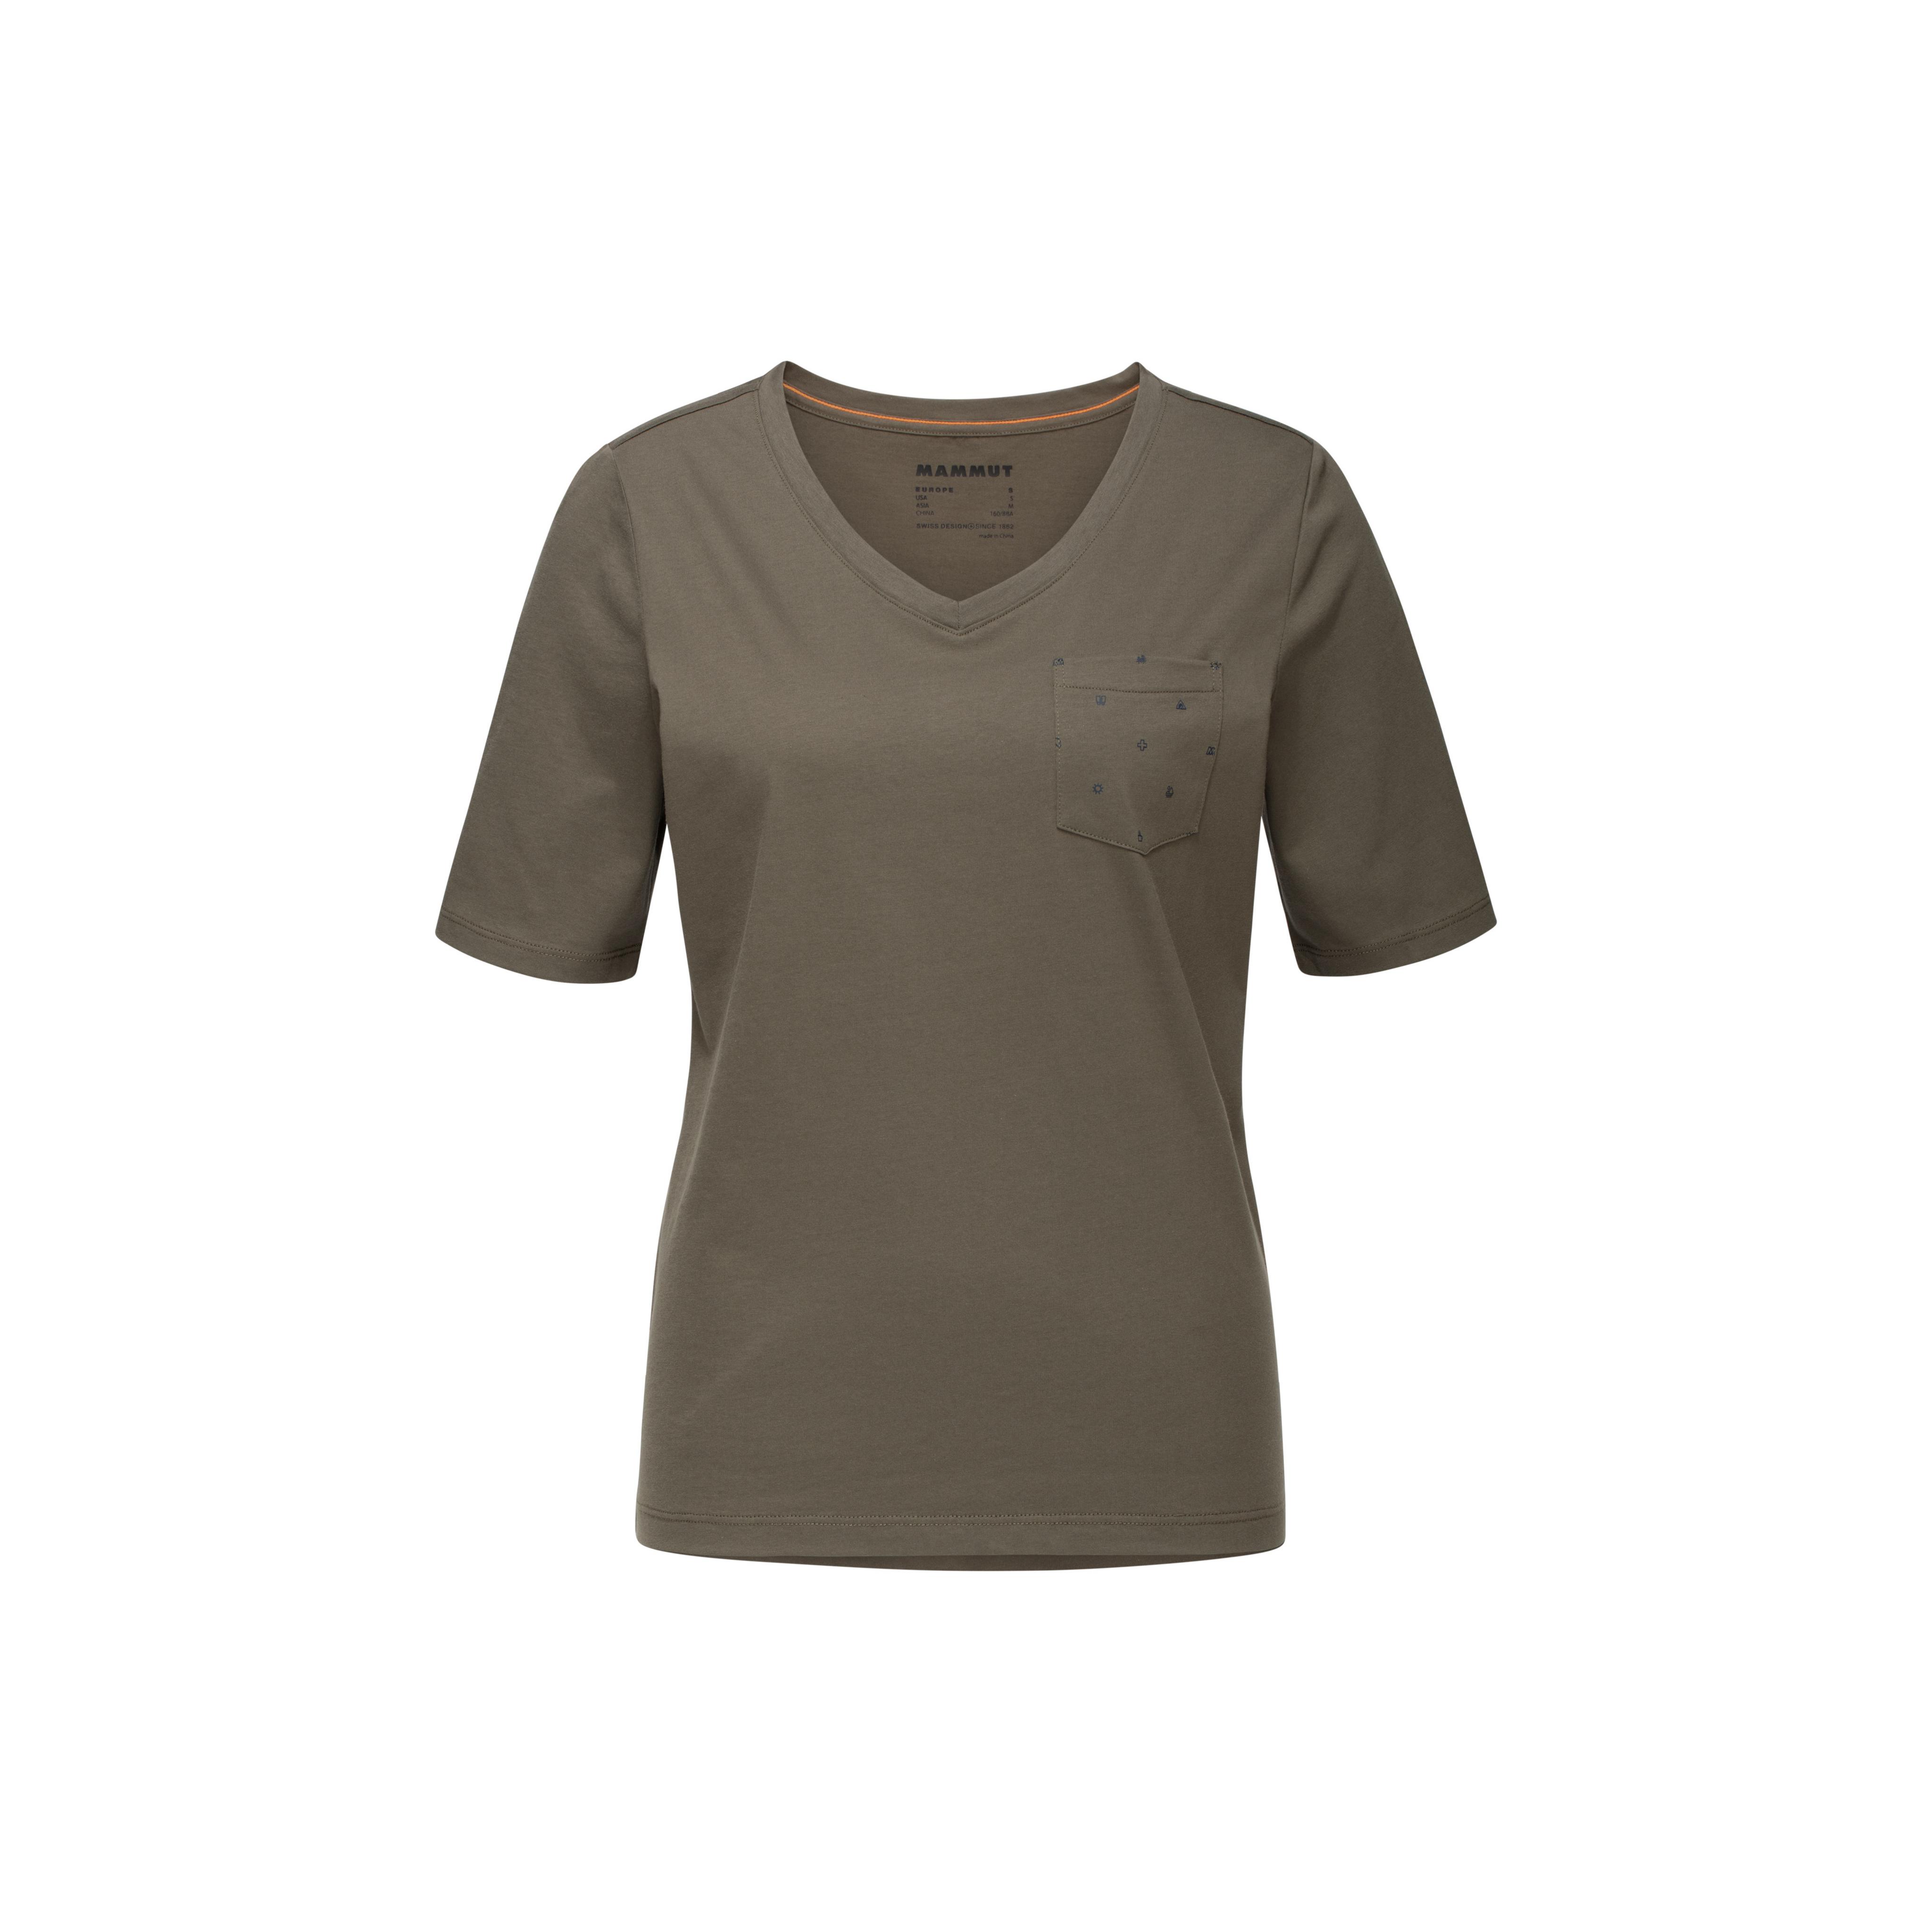 Mammut Pocket T-Shirt Women - iguana, XS thumbnail